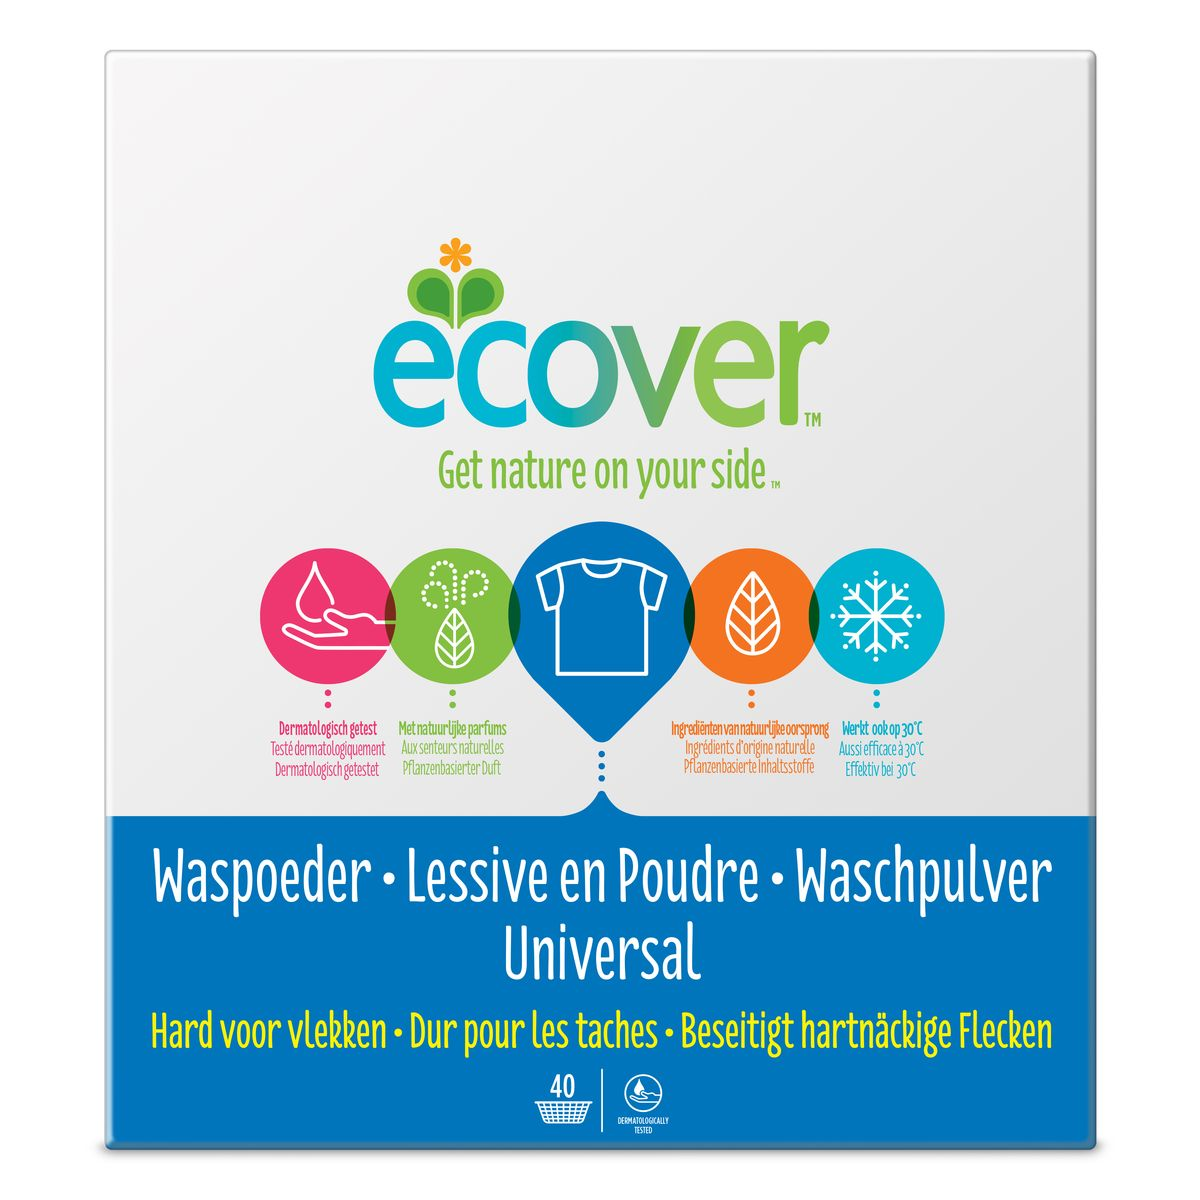 Экологический стиральный порошок Ecover, концентрат, универсальный, 3 кг экологический стиральный порошок ecover концентрат универсальный 3 кг